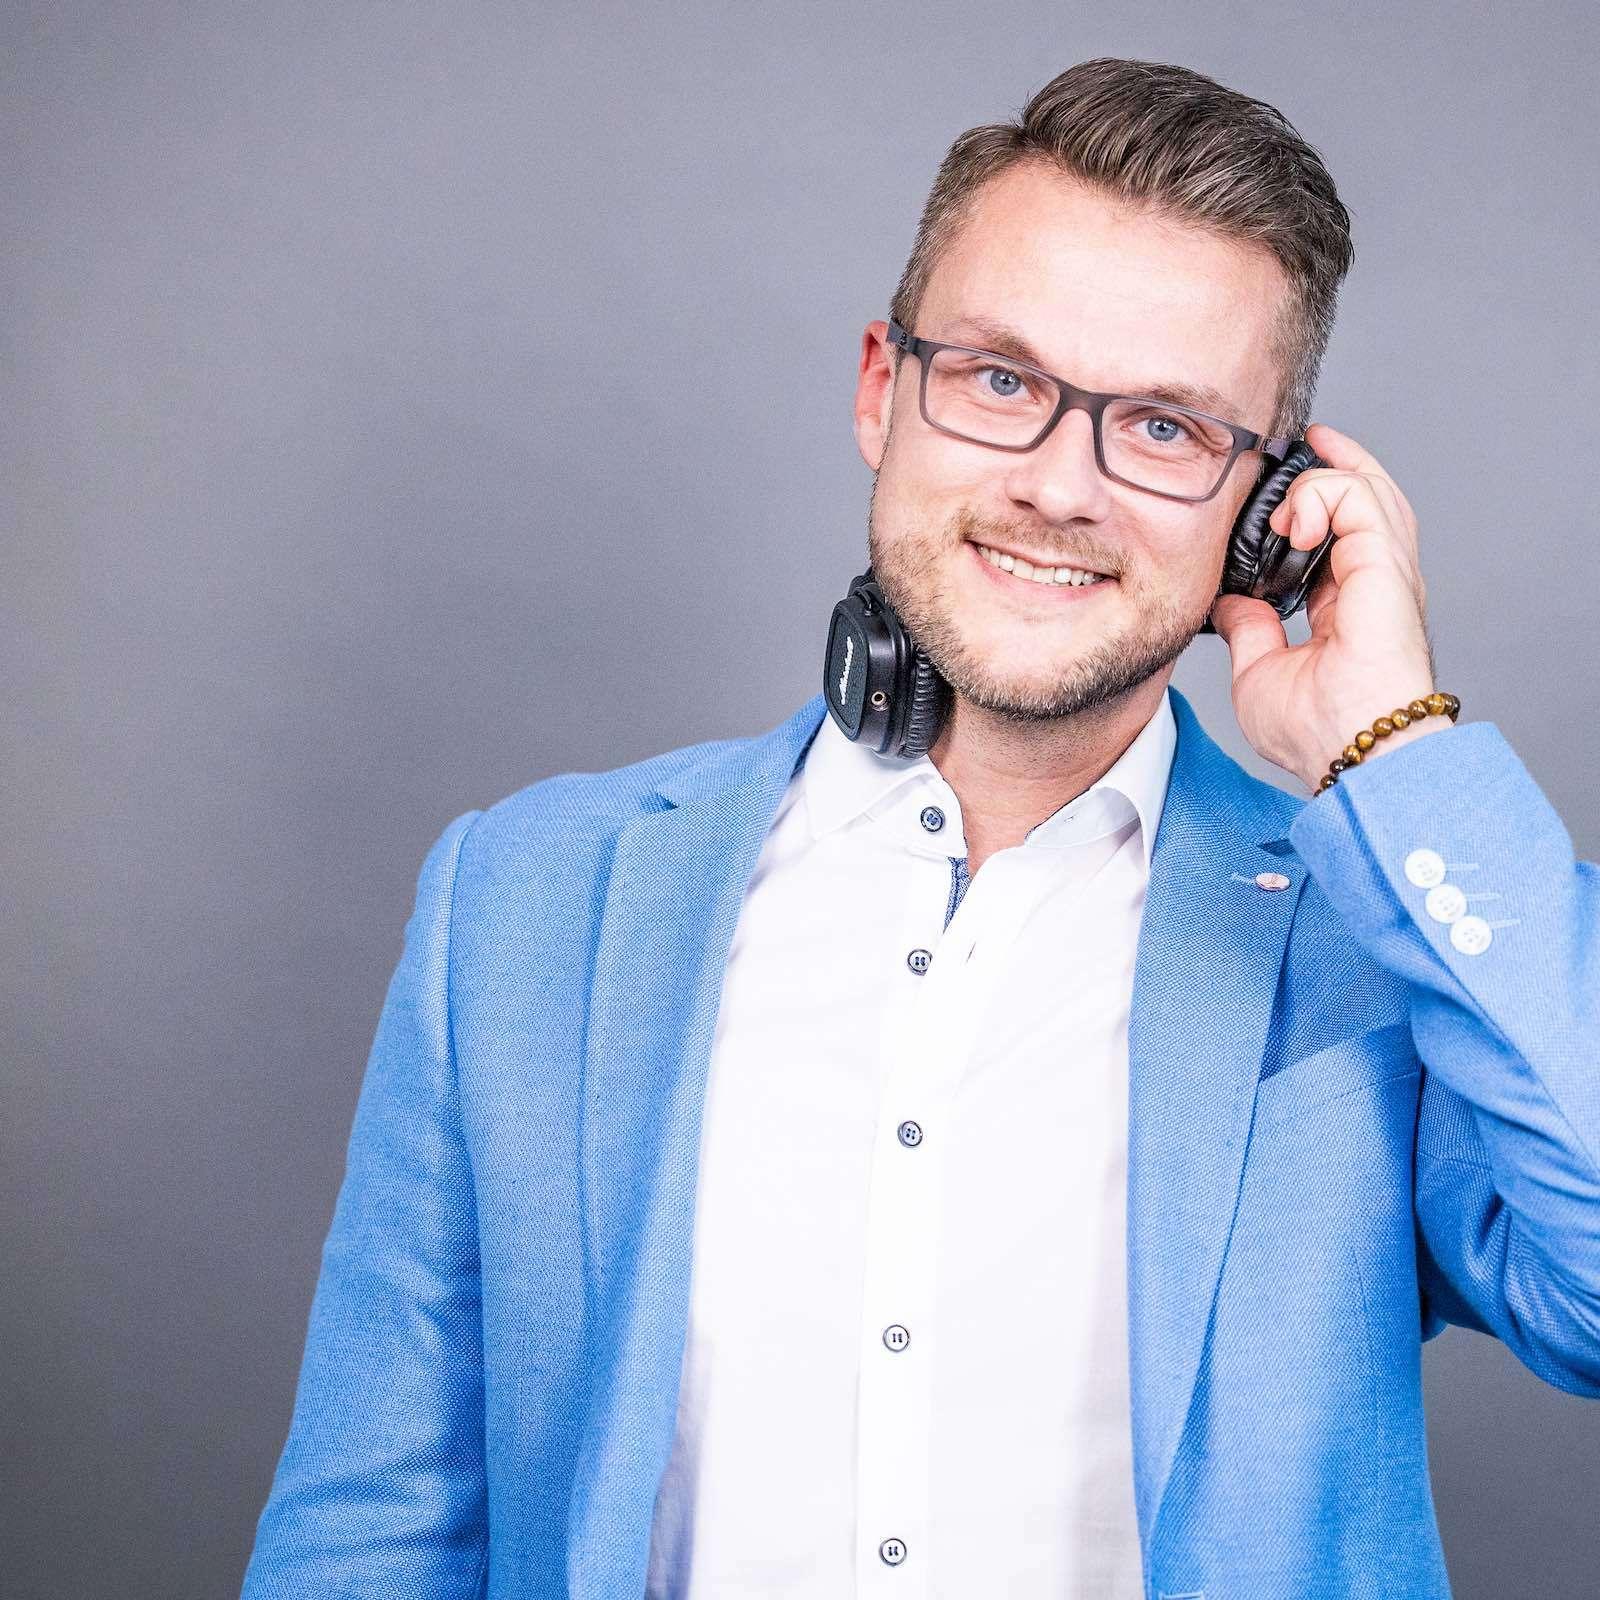 Hochzeits | DJ | Buchen | Hannover | Discjockey | Daniel | Paar | Messe | DJ | Event | DJ | Geburtstag | DJ | Mieten | Anfragen | DJ | Agentur | Lehmann | Eventservic